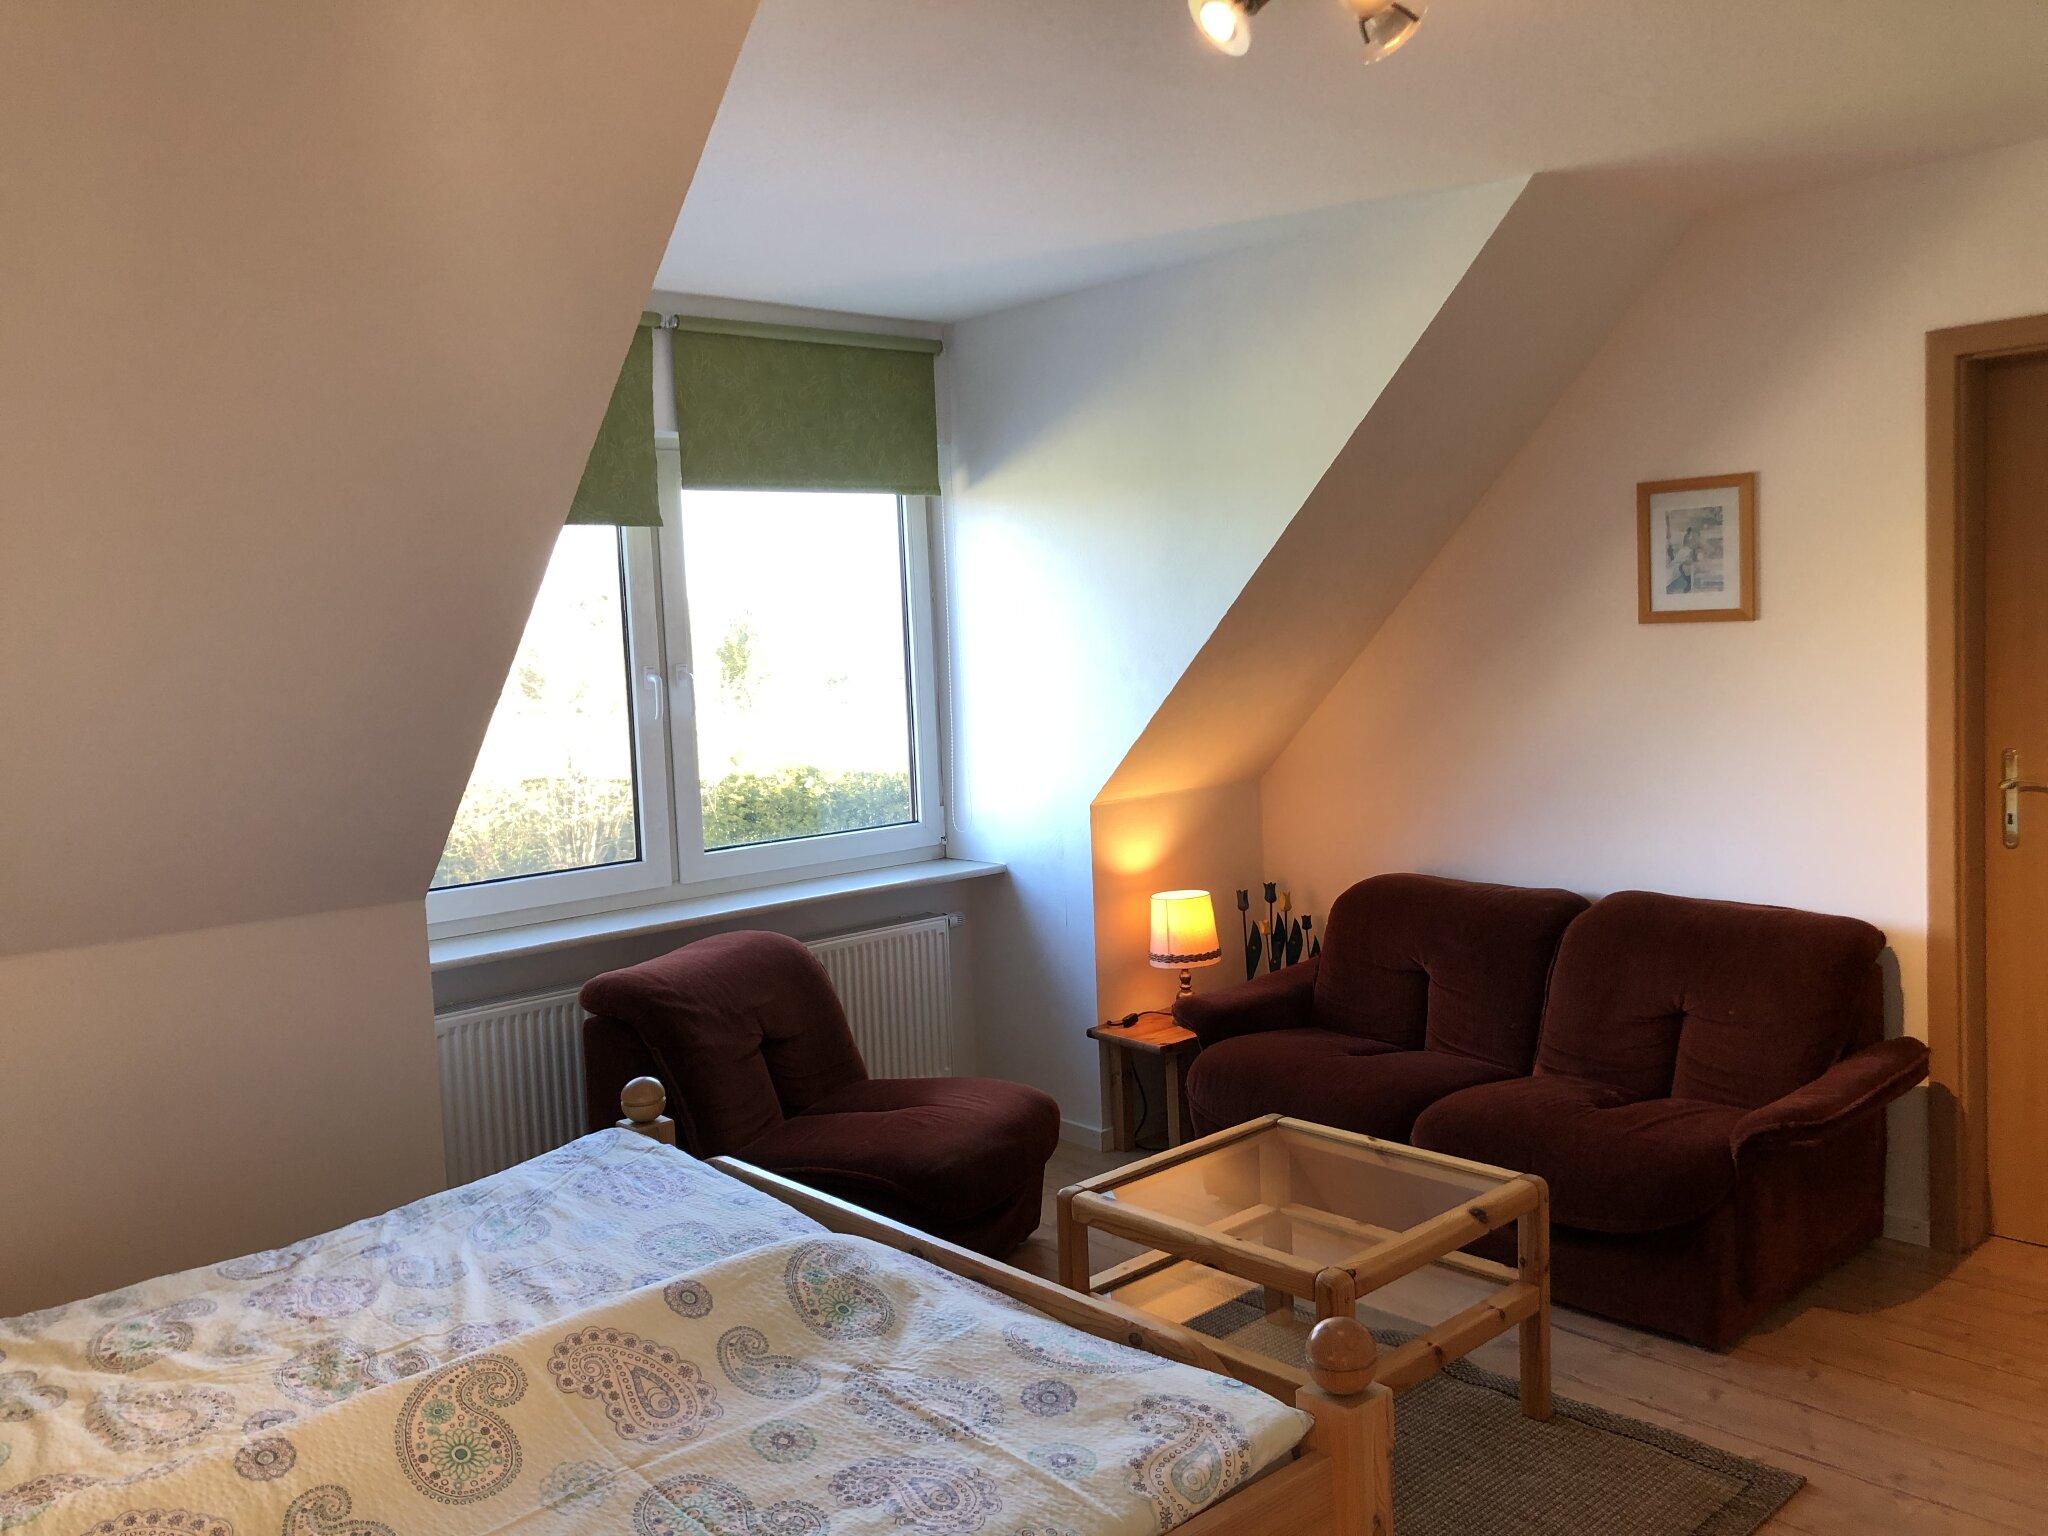 Küche Apartment (Beispiel)